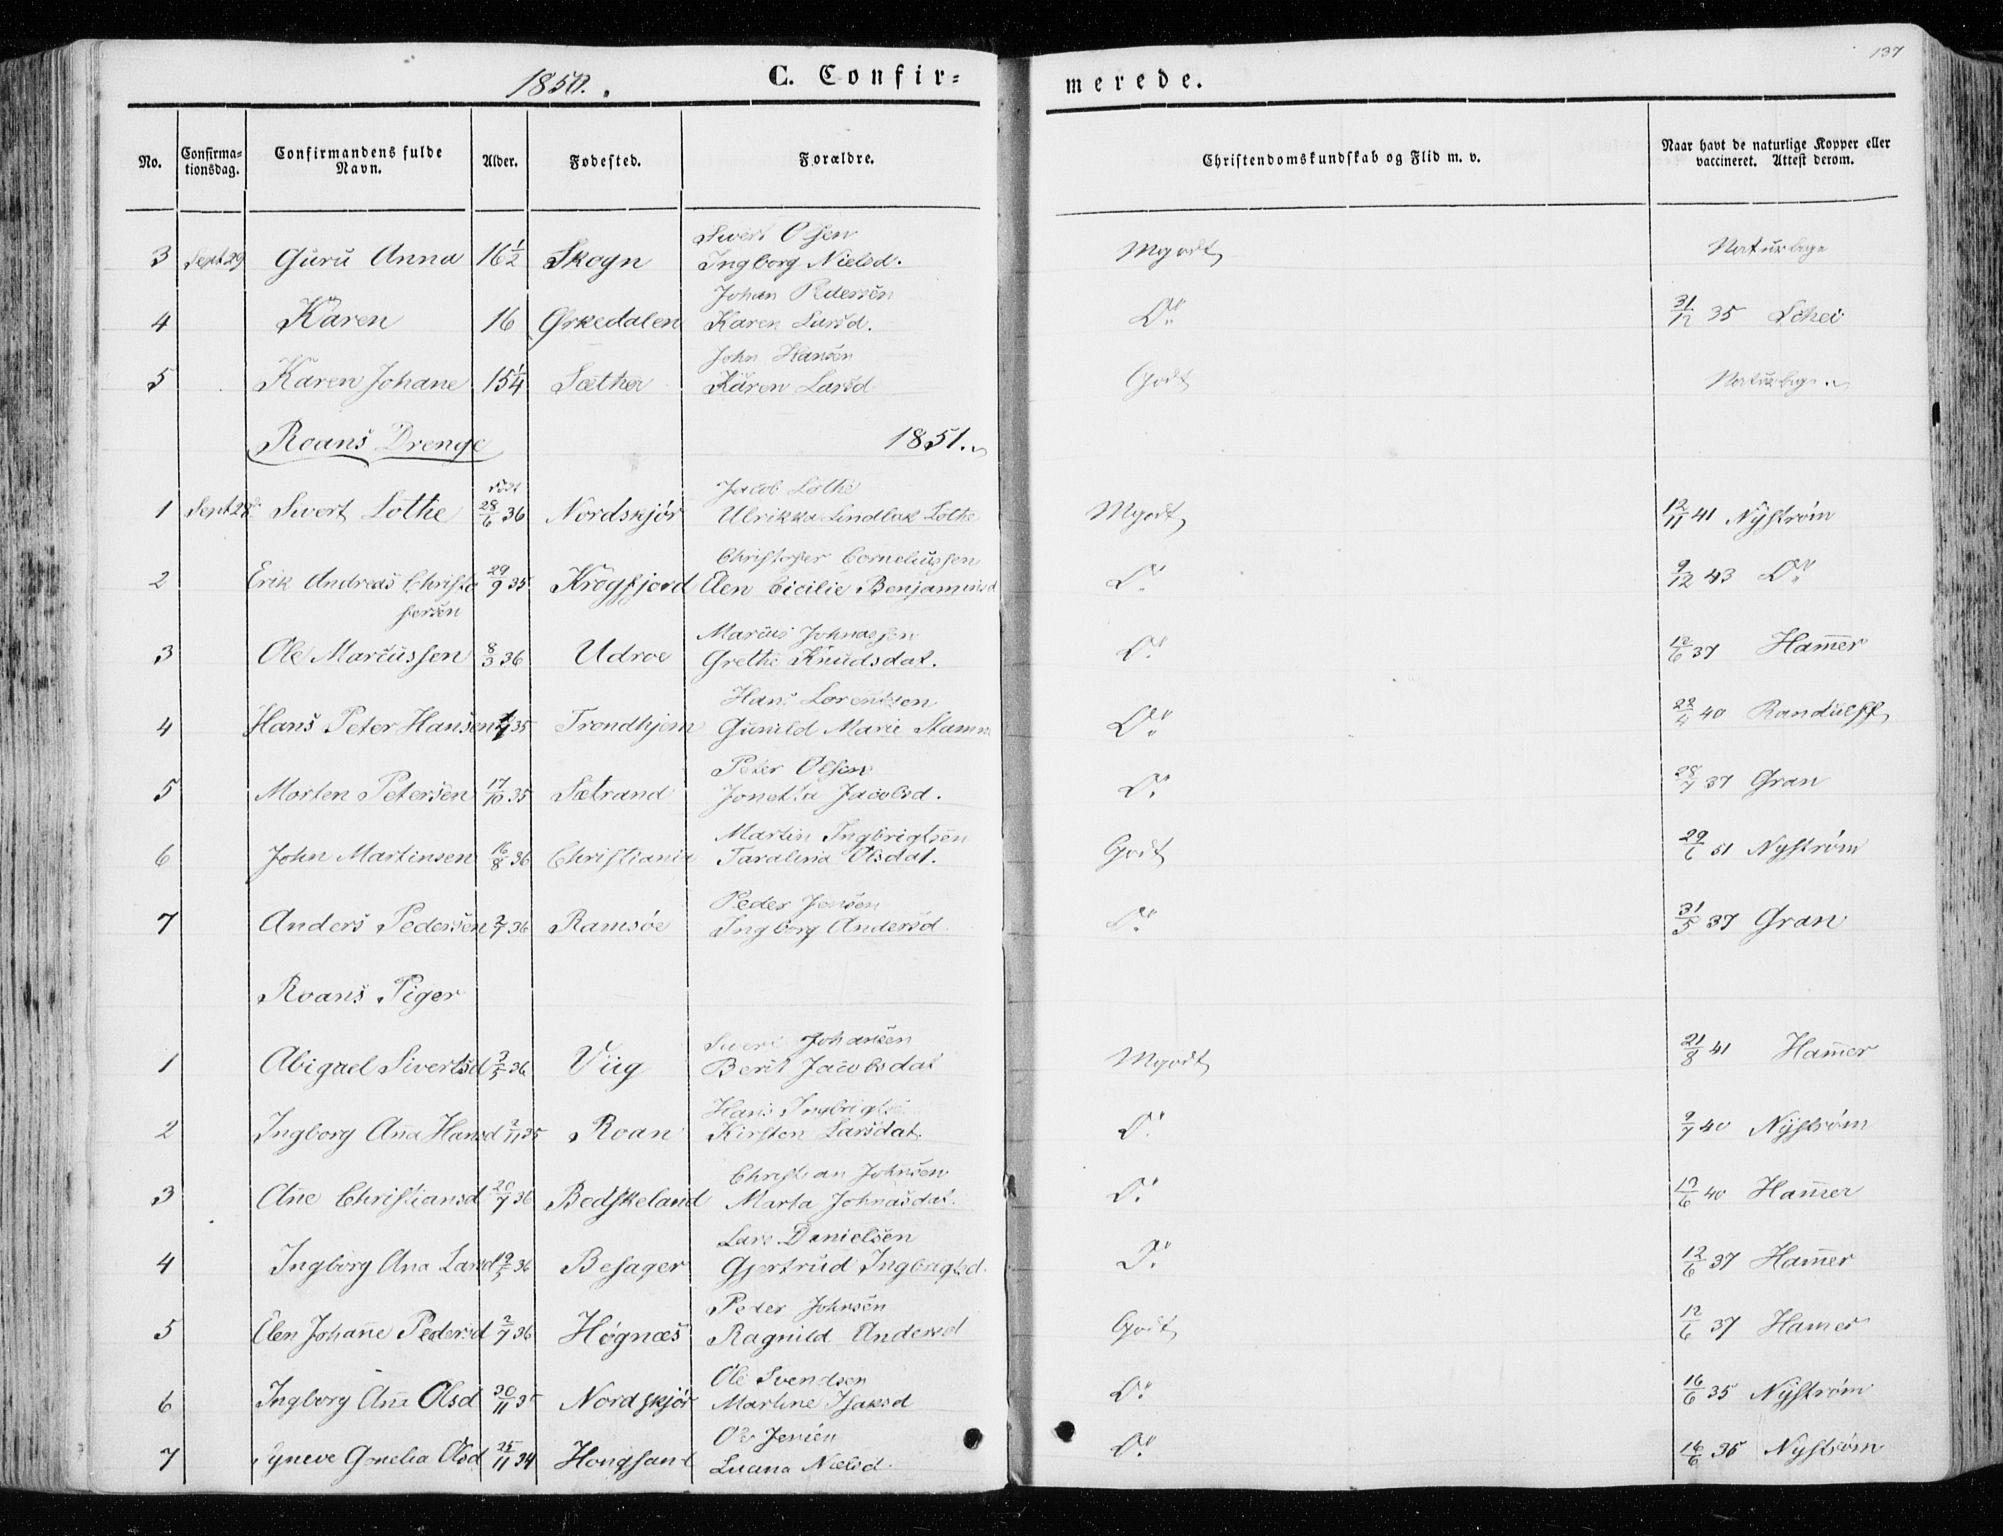 SAT, Ministerialprotokoller, klokkerbøker og fødselsregistre - Sør-Trøndelag, 657/L0704: Ministerialbok nr. 657A05, 1846-1857, s. 137